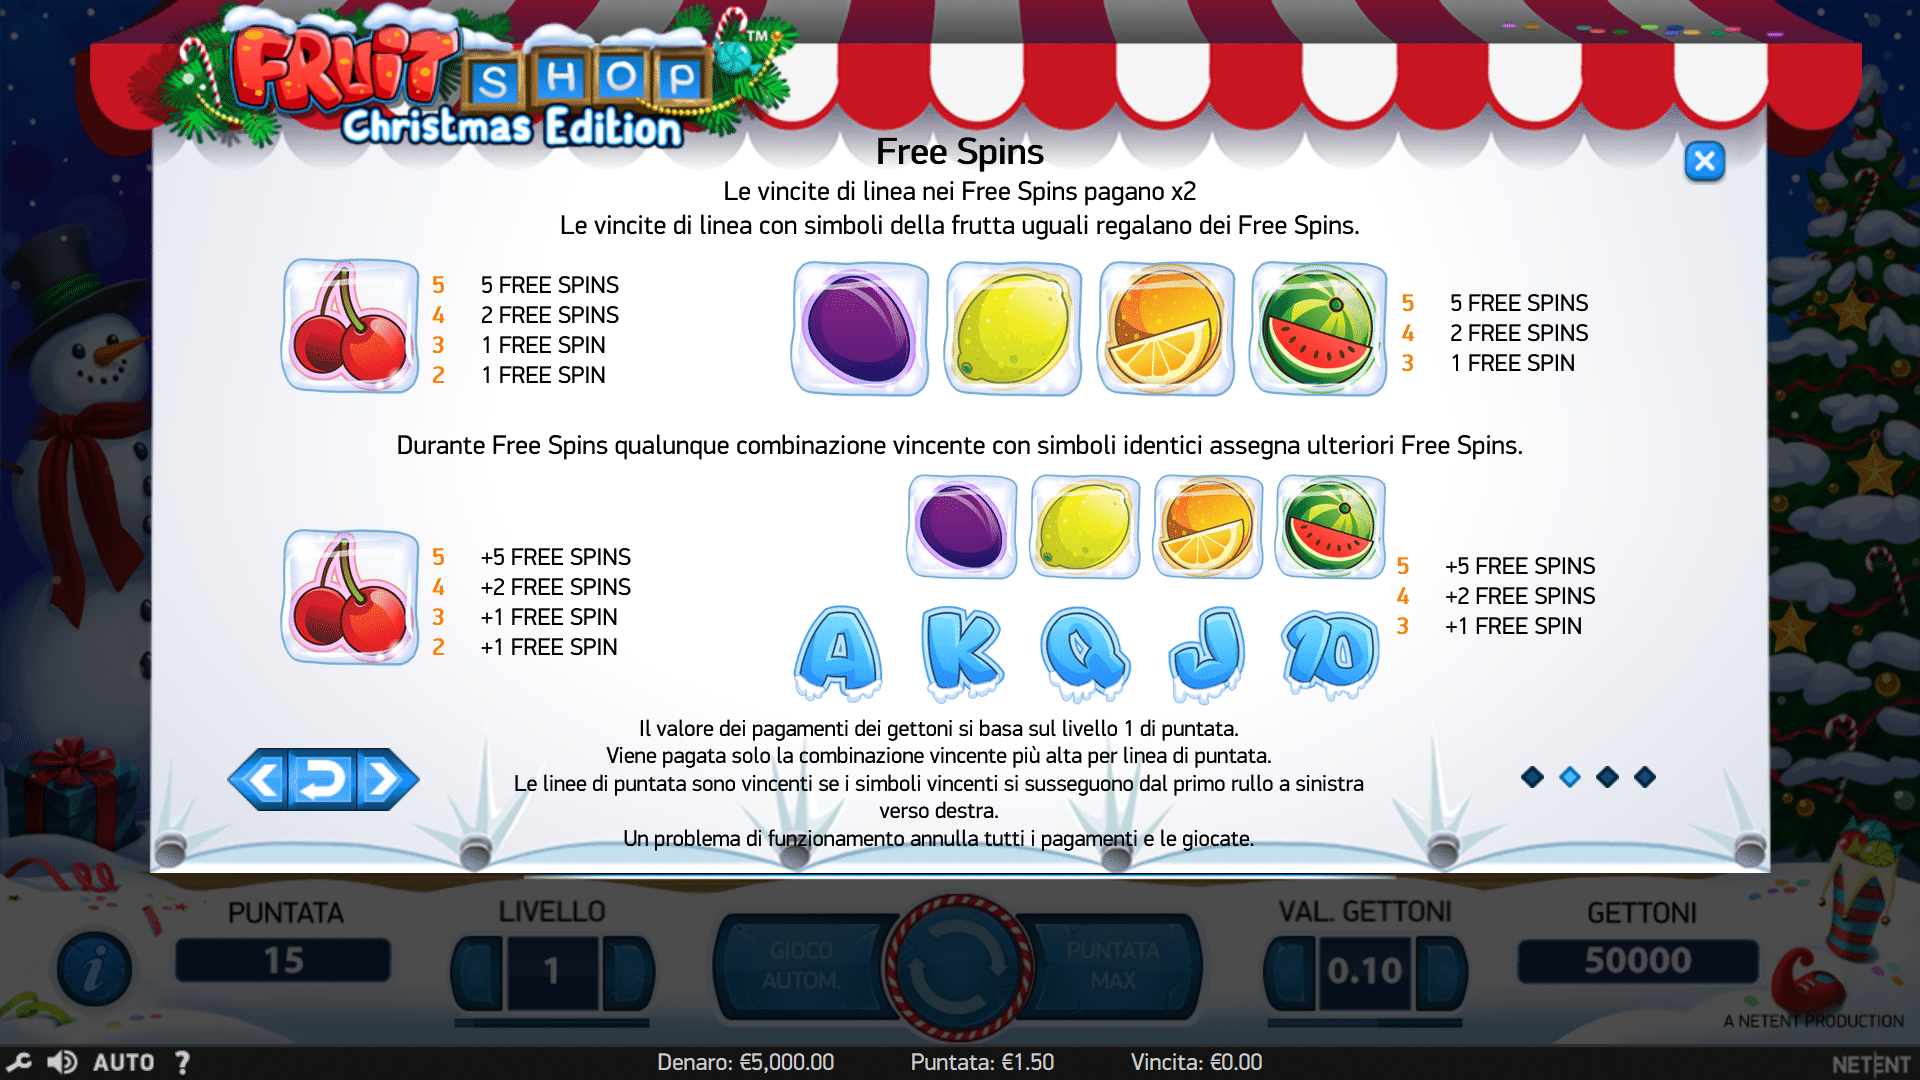 Tabella dei Pagamenti della slot Fruit Shop Christmas Edition